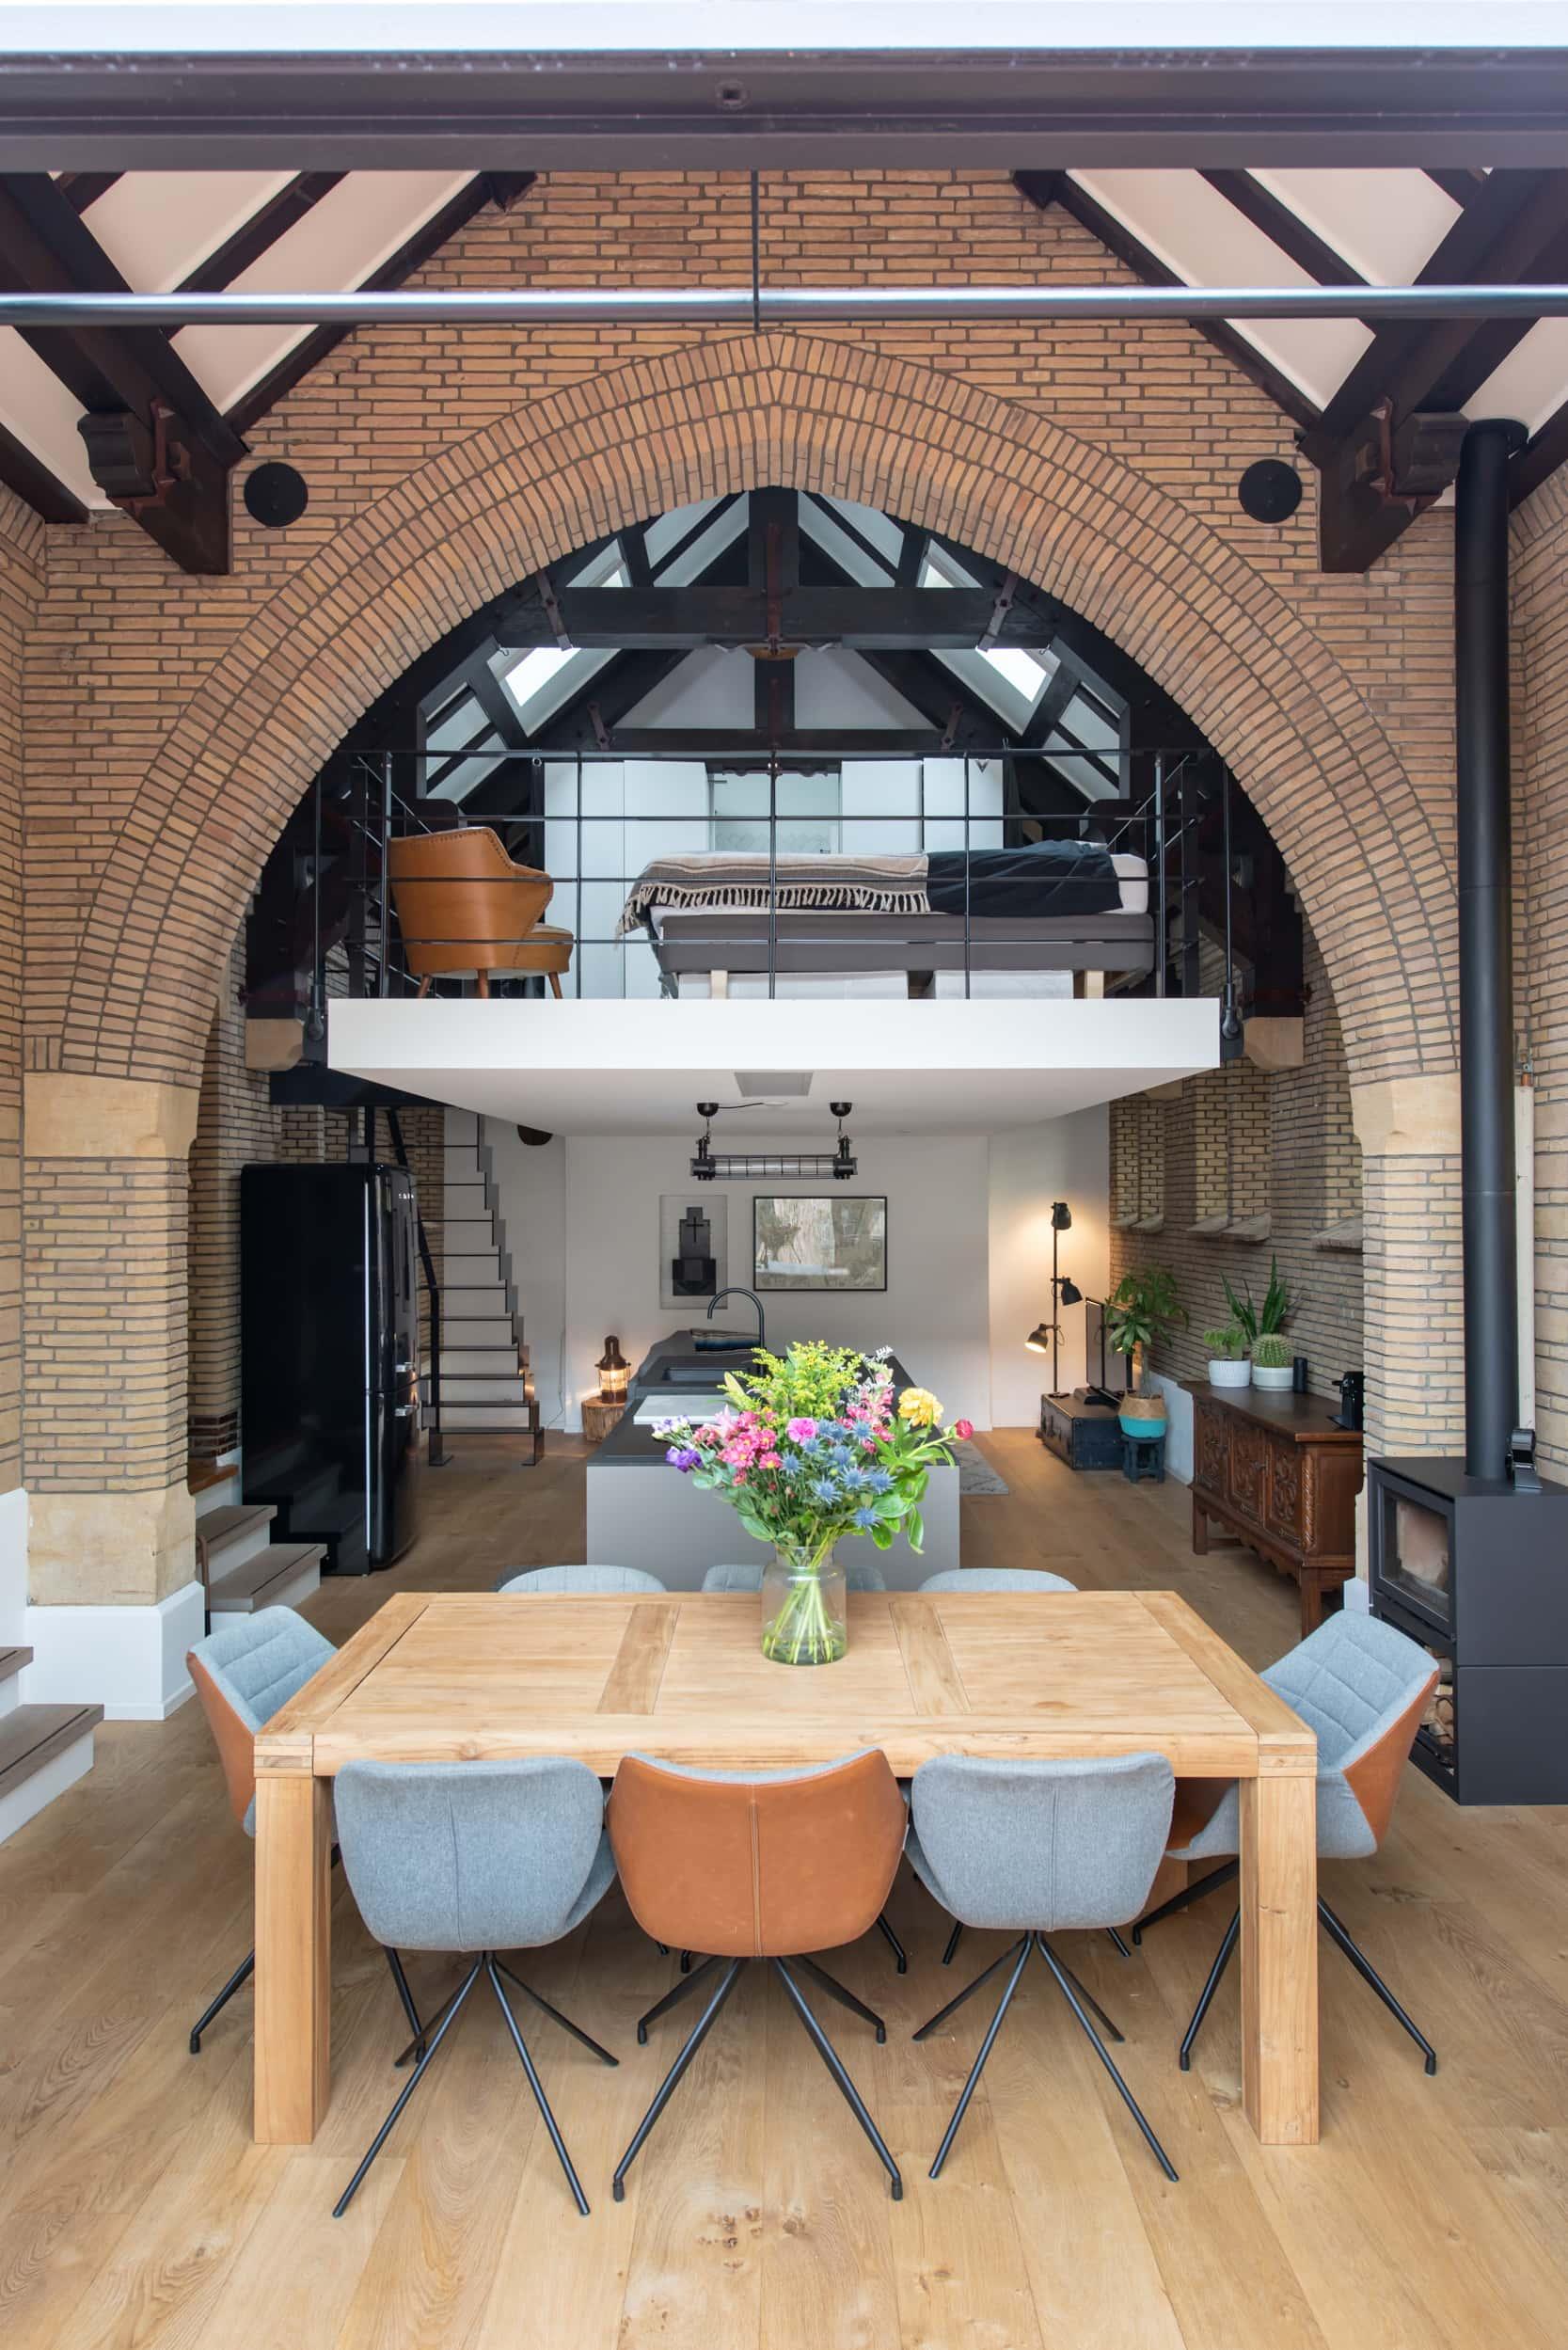 Verbouwing kapel tot woonhuis in Breda met een nieuwe verdiepingsvloer met slaapkamer boven een woonkamer met woonkeuken en gebruik van alle originele elementen